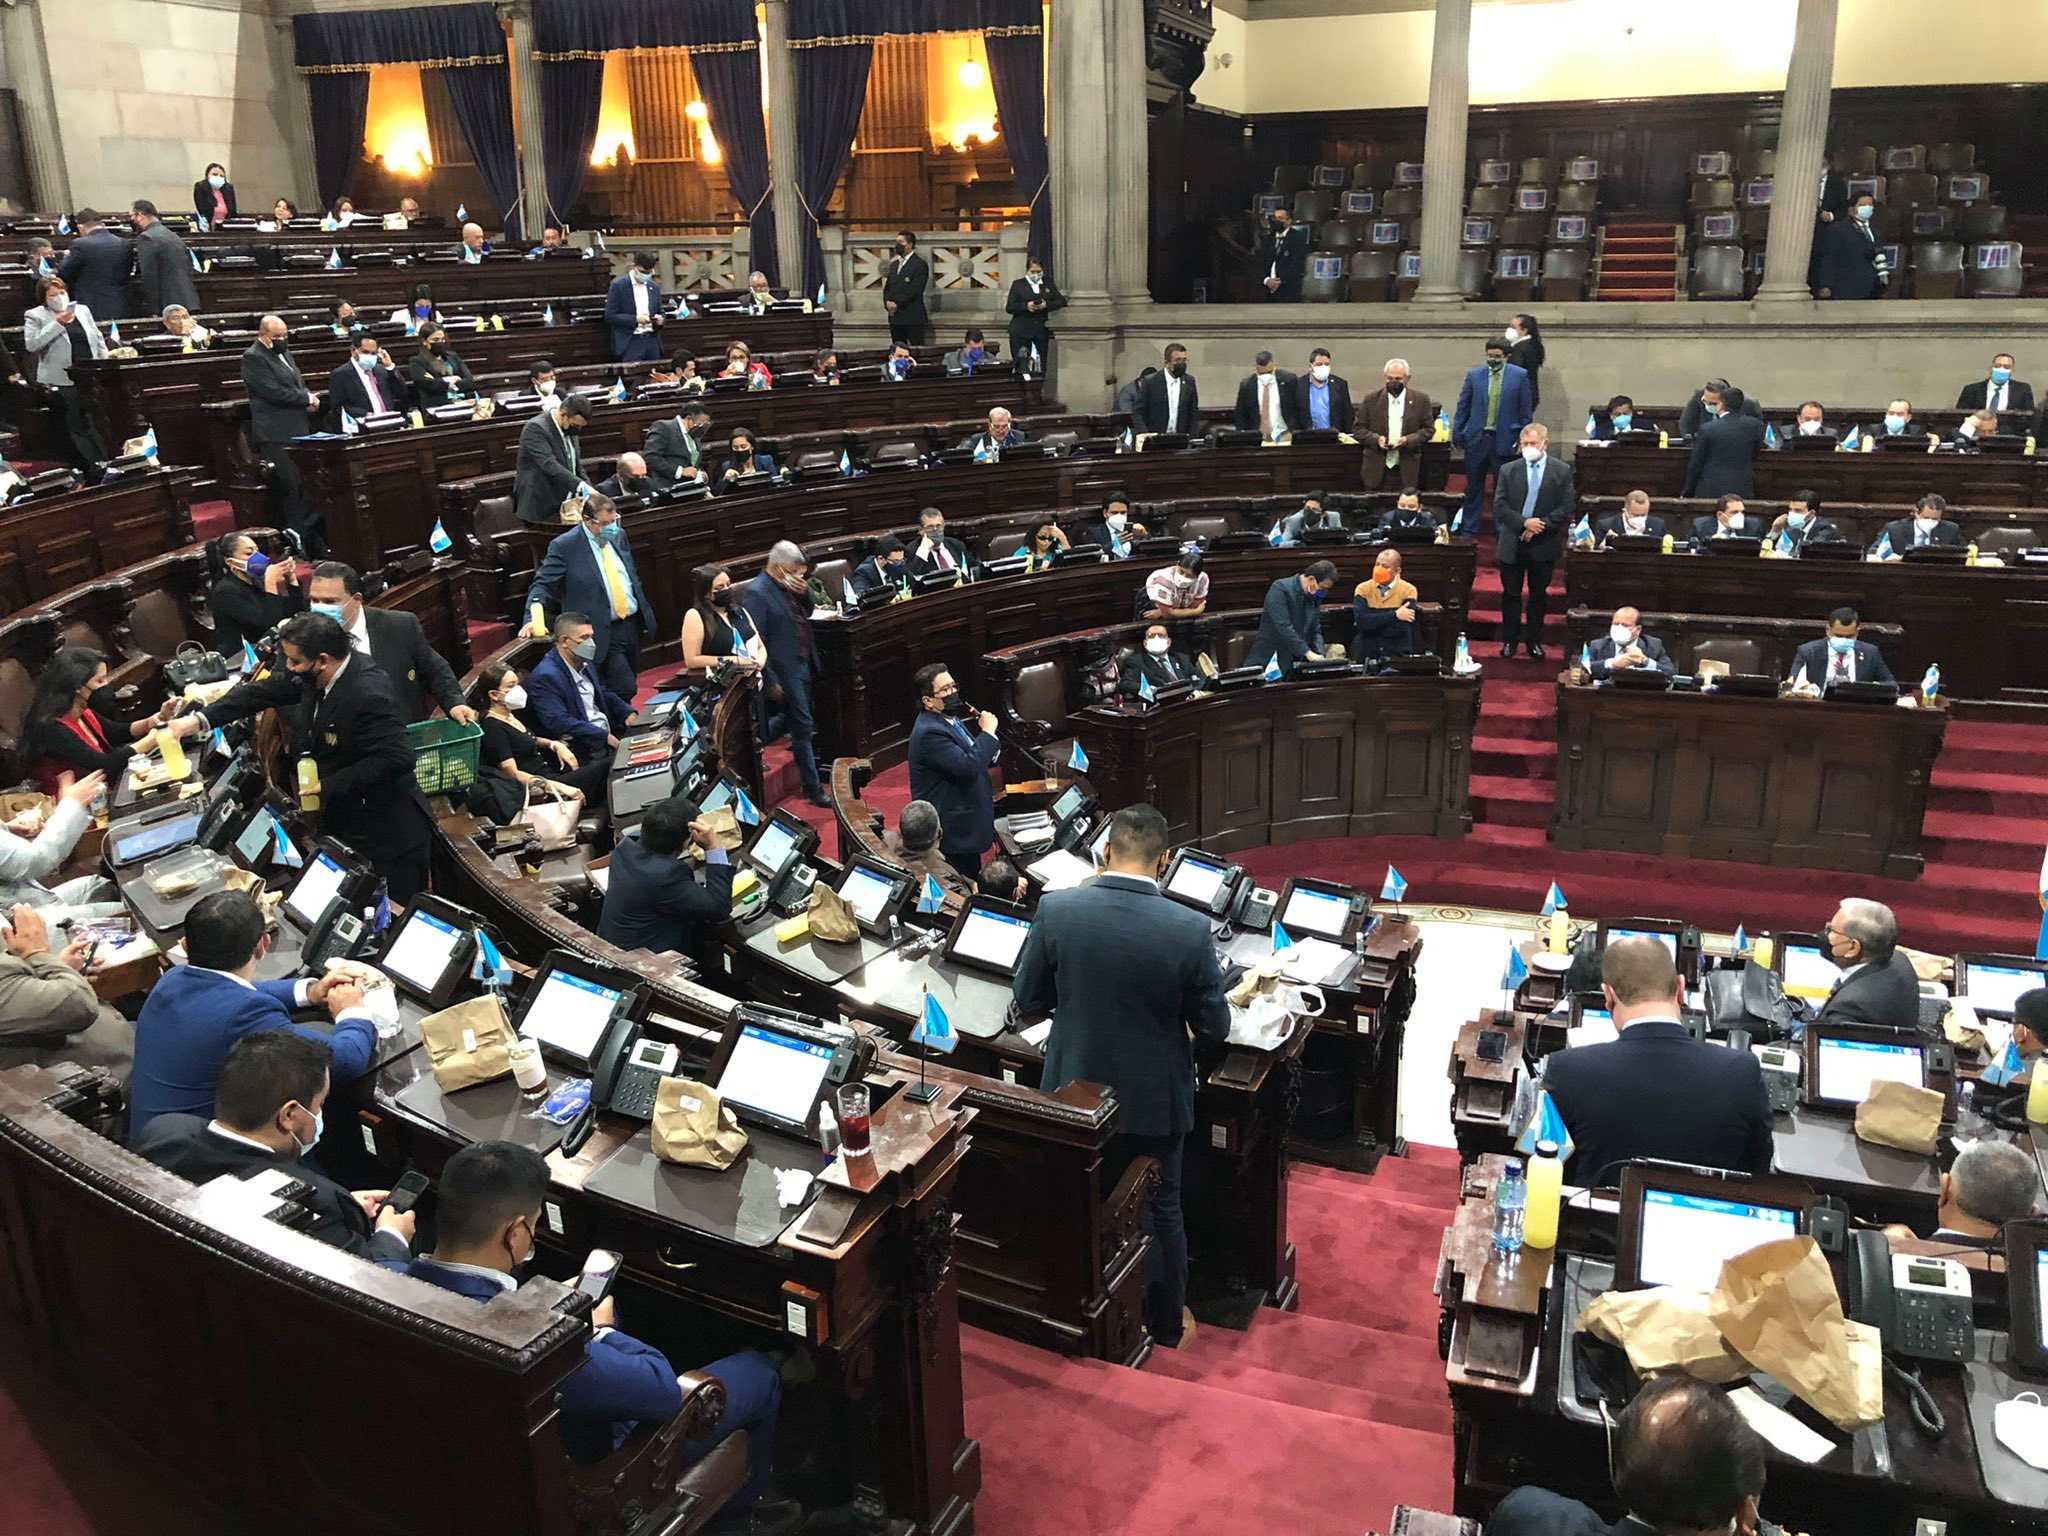 Salud pide al Congreso que priorice la discusión de la ley de adquisiciones temporales, asegure que los hospitales se queden sin suministros - Prensa Libre